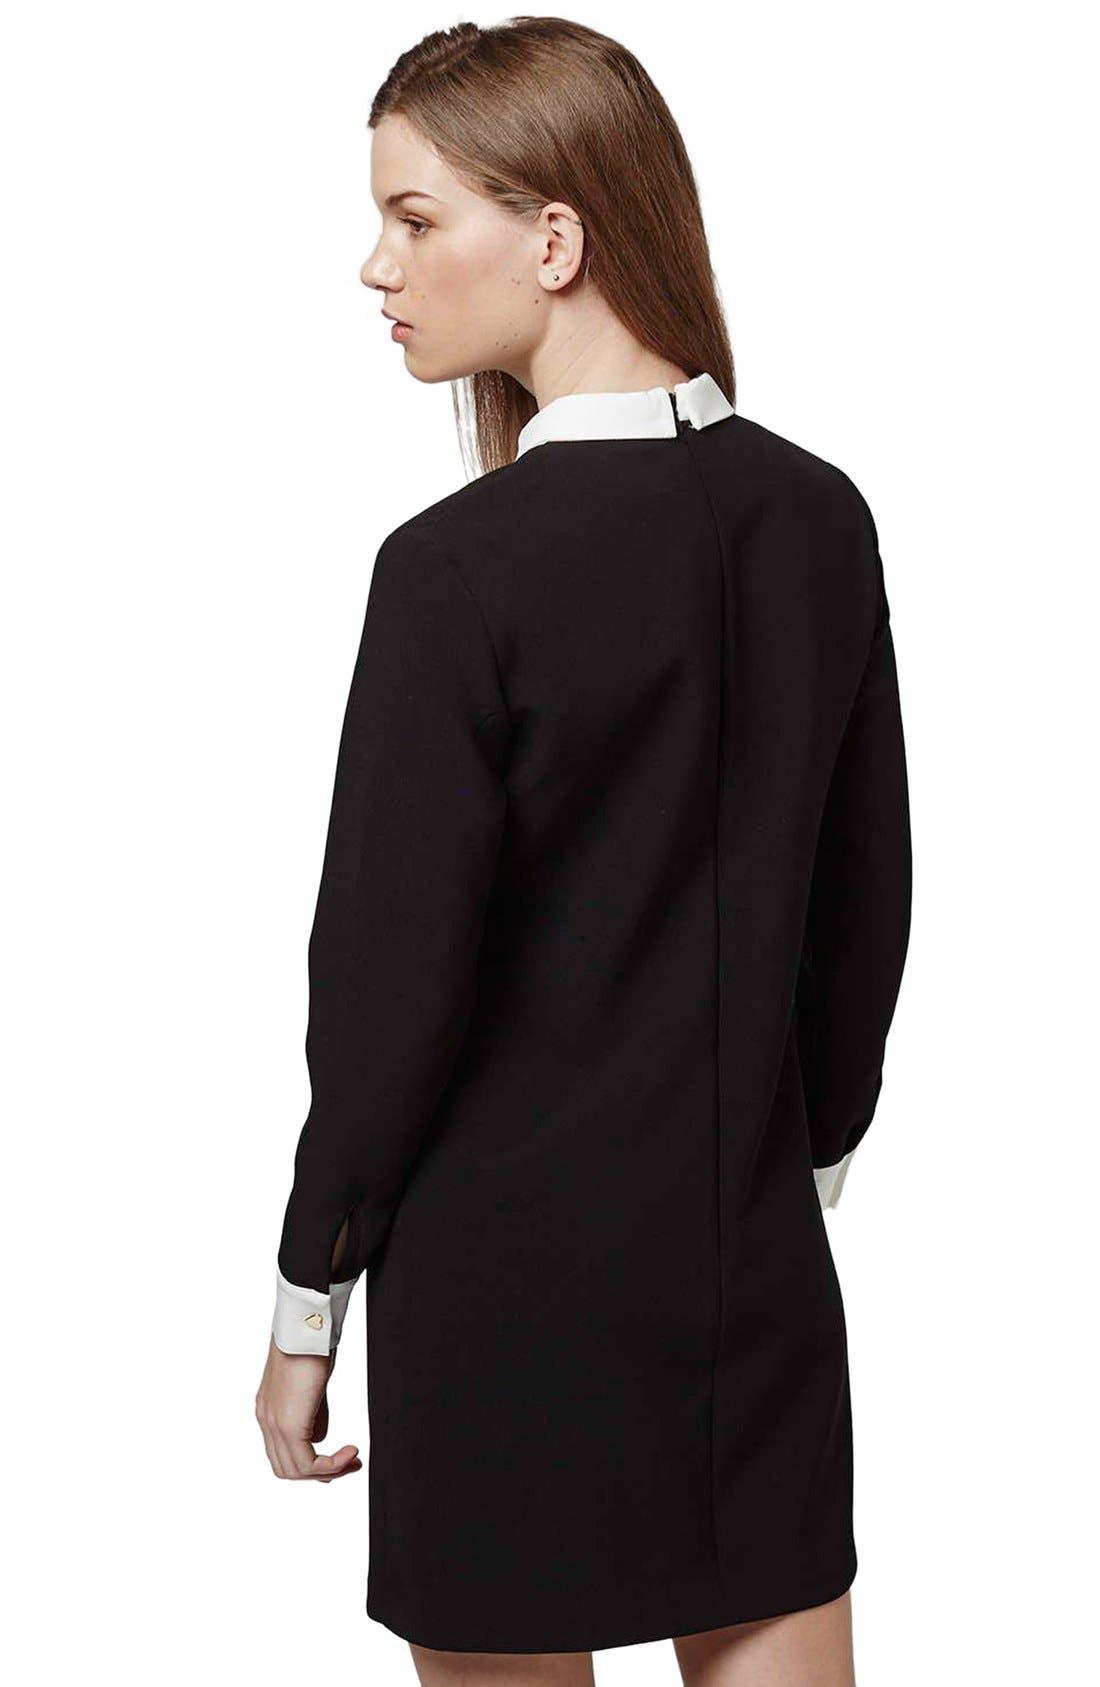 Ruffle Bib Shift Dress,                             Alternate thumbnail 2, color,                             Black Multi